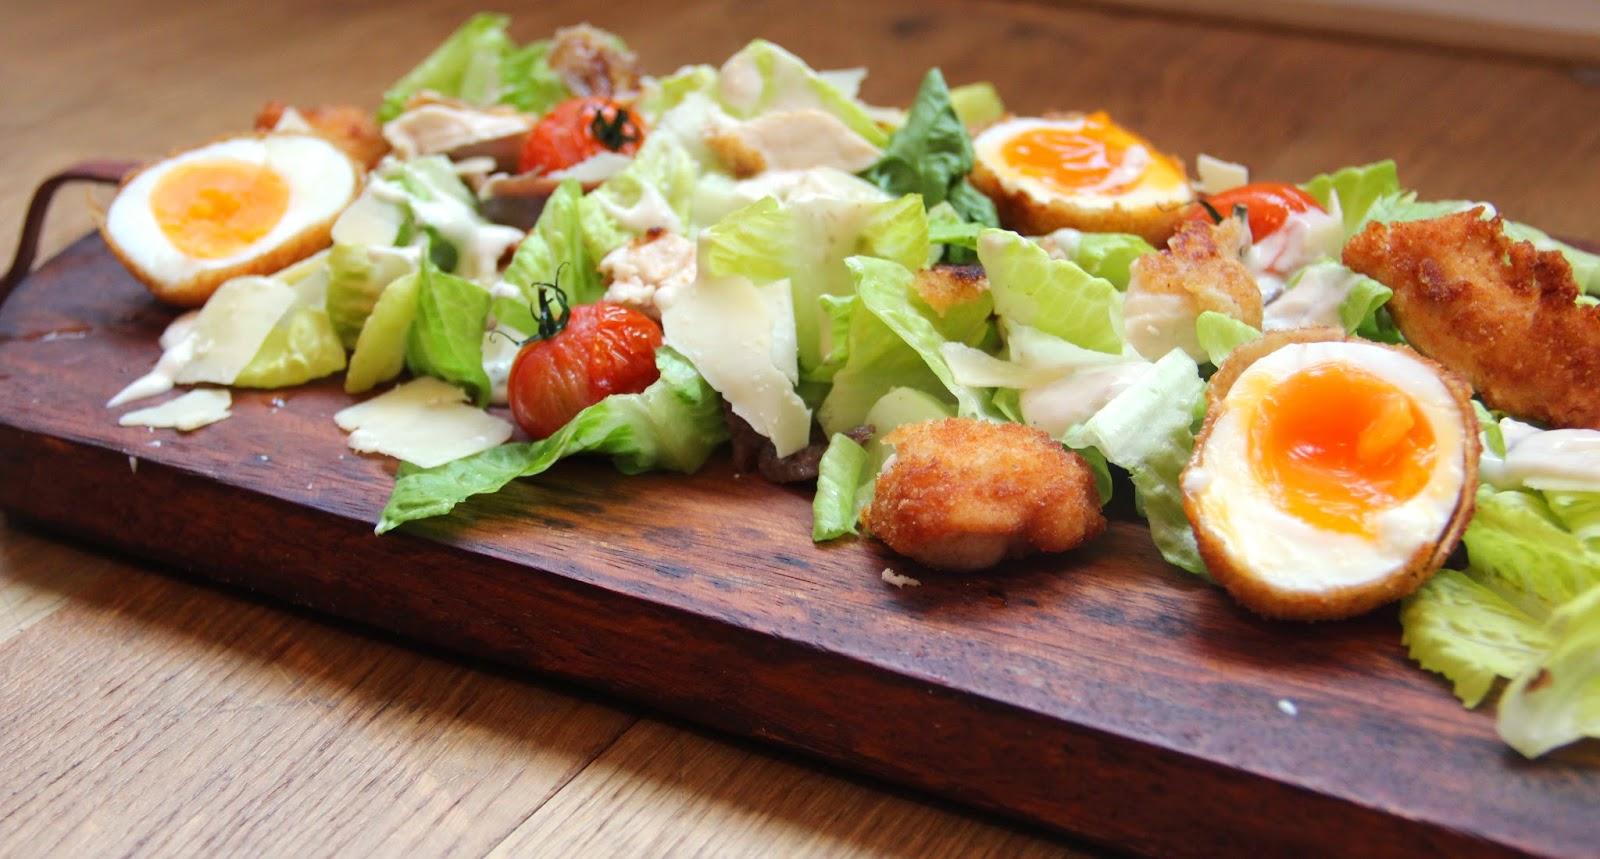 Uitzonderlijk Kookkunst: Caesar salad met krokante kip, ansjovismayonaise en &SX32